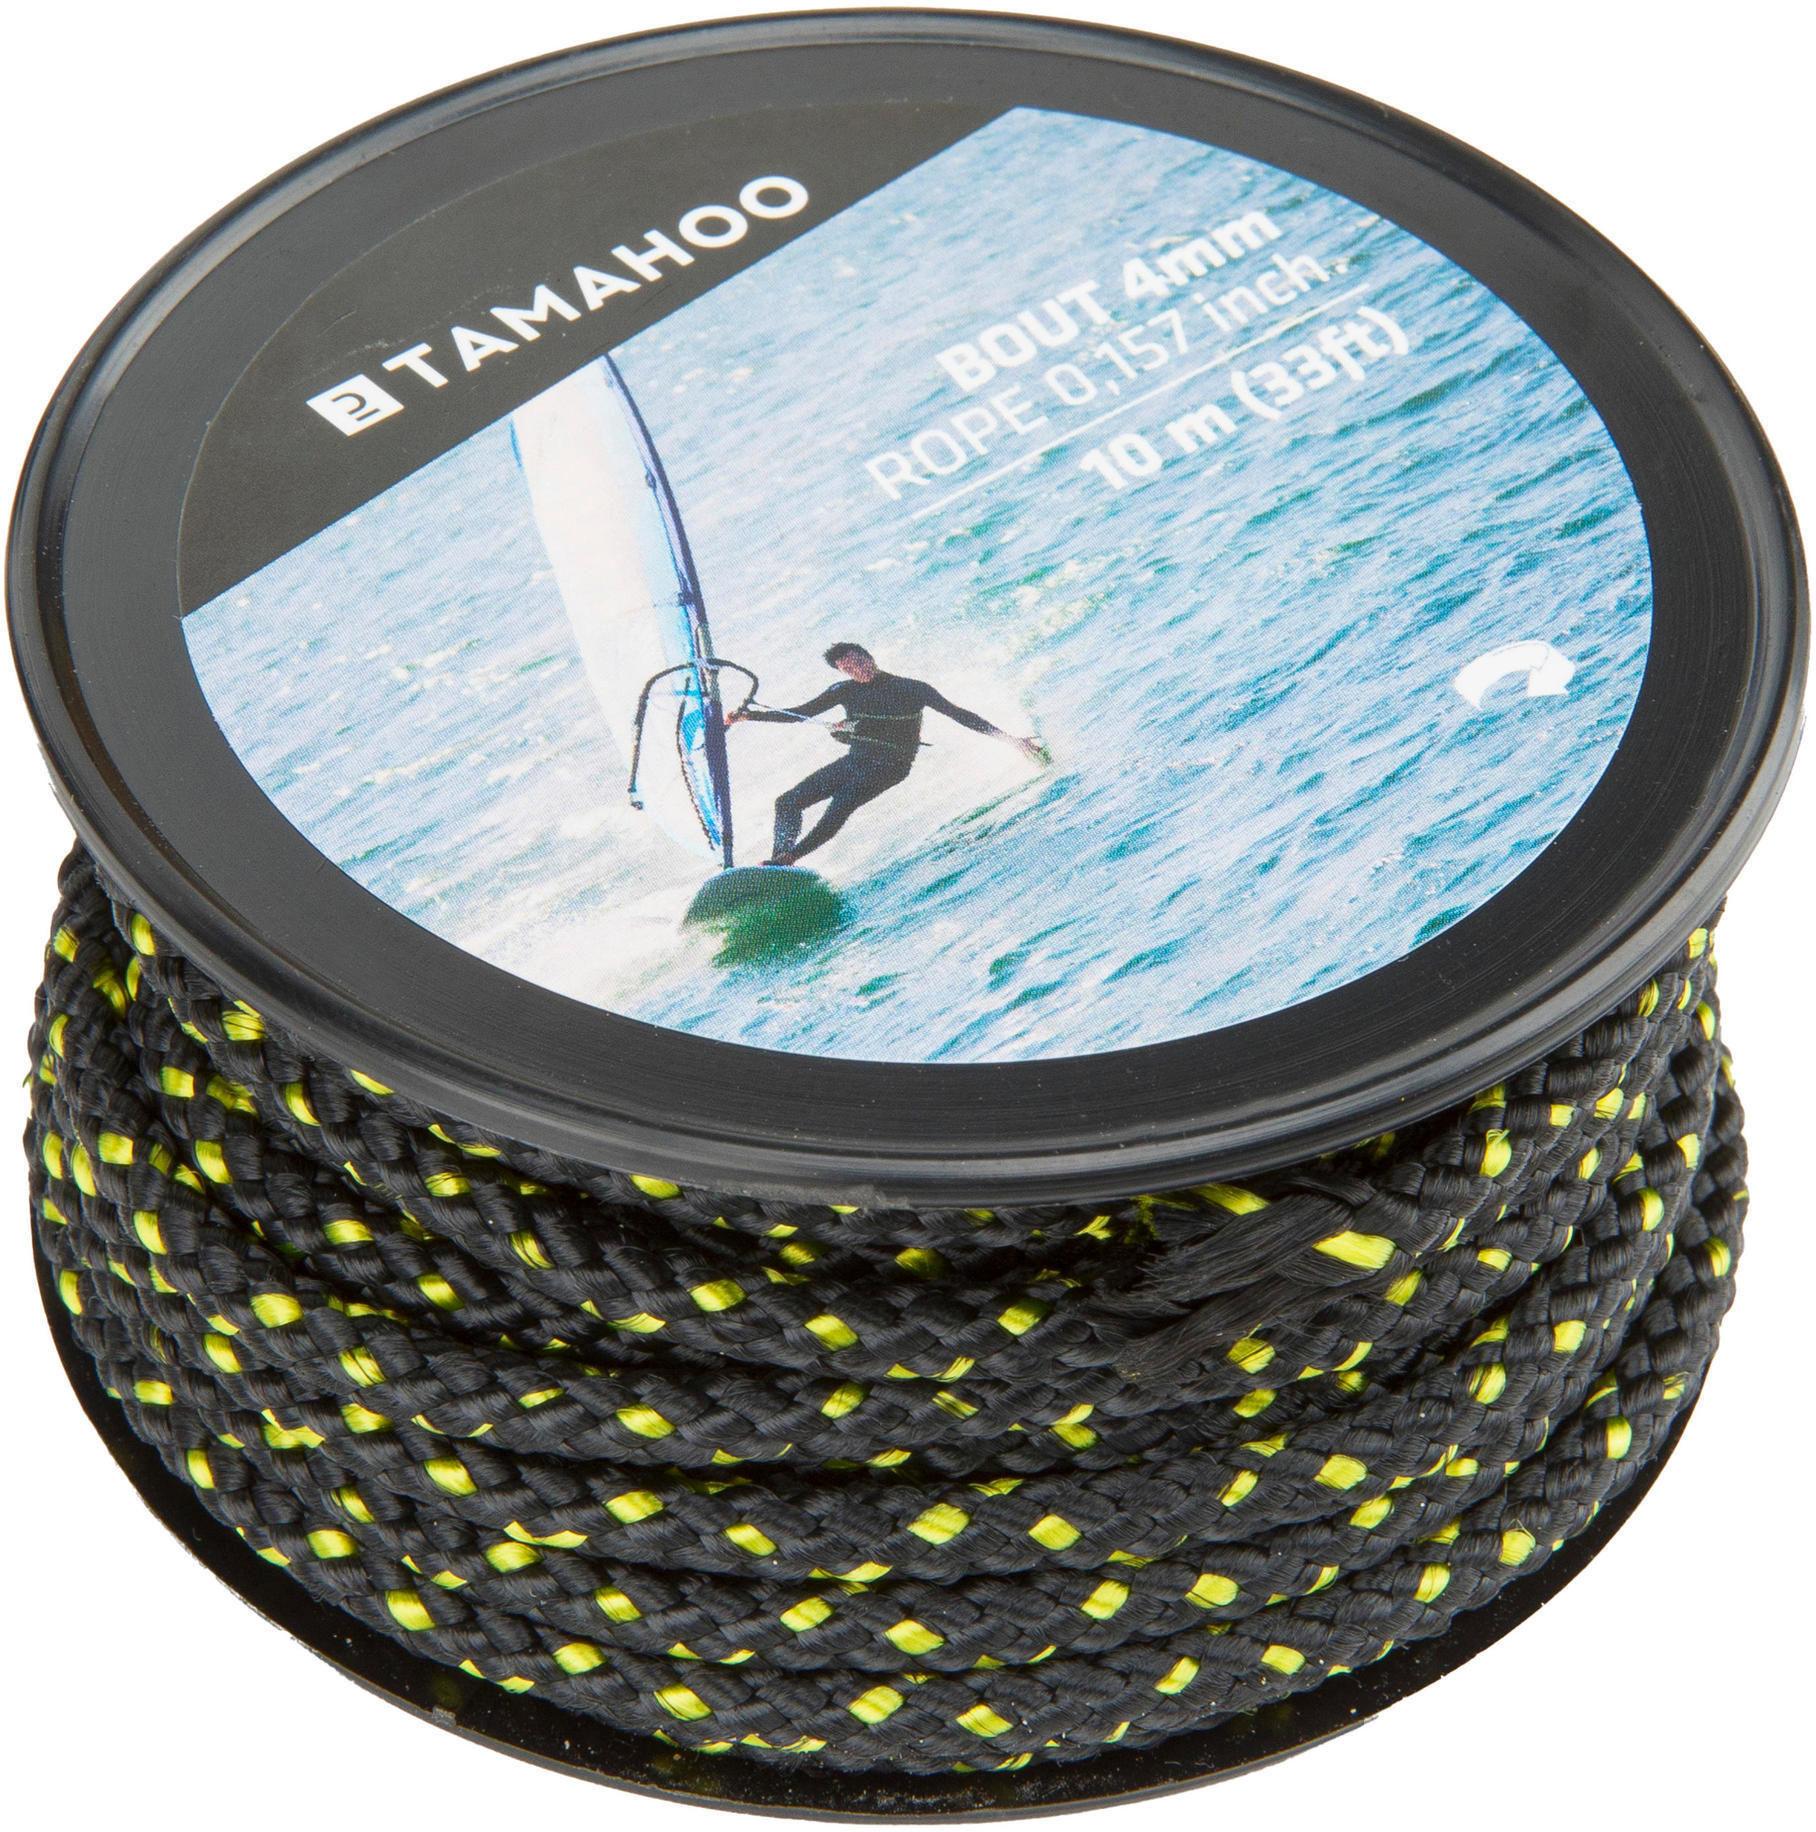 Szpula linki do windsurfingu do taklowania i bomu 10 M x 4 MM